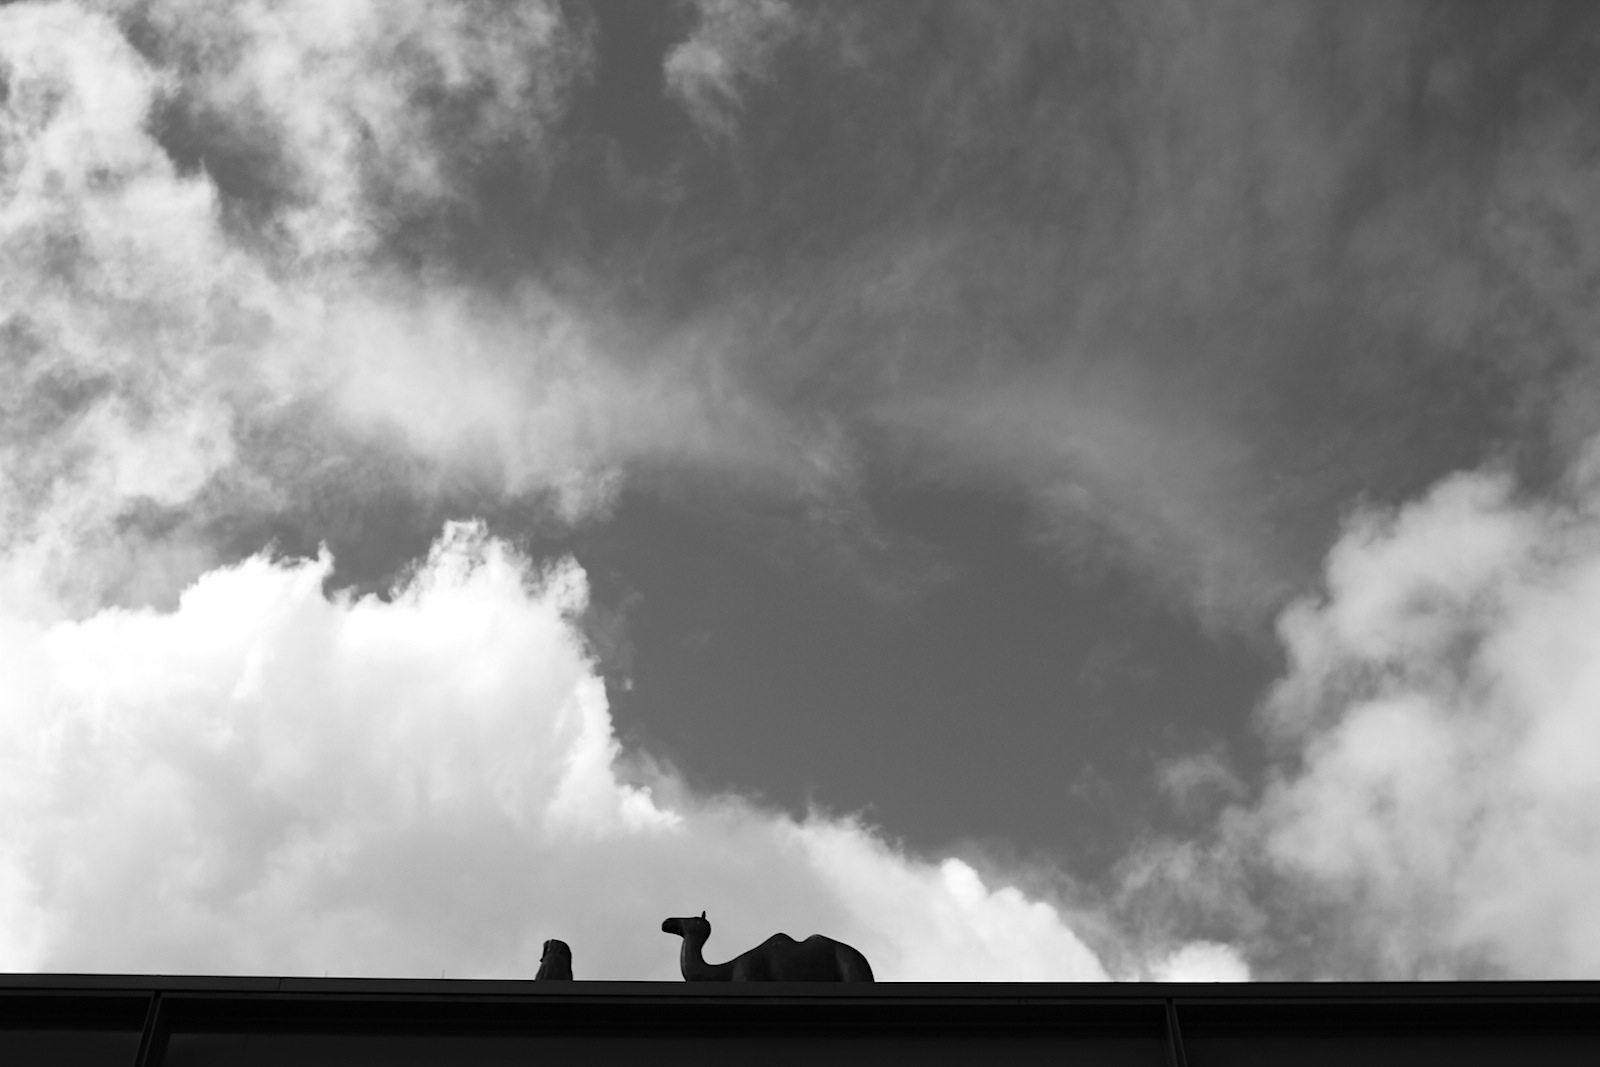 Kunsthal Rotterdam. Kameltreiber und sein Buckeltier: eine Installation des Bildhauers Henk Visch aus Eindhoven. Das Werk symbolisiert die wechselnden Wanderausstellungen der Kunsthal.